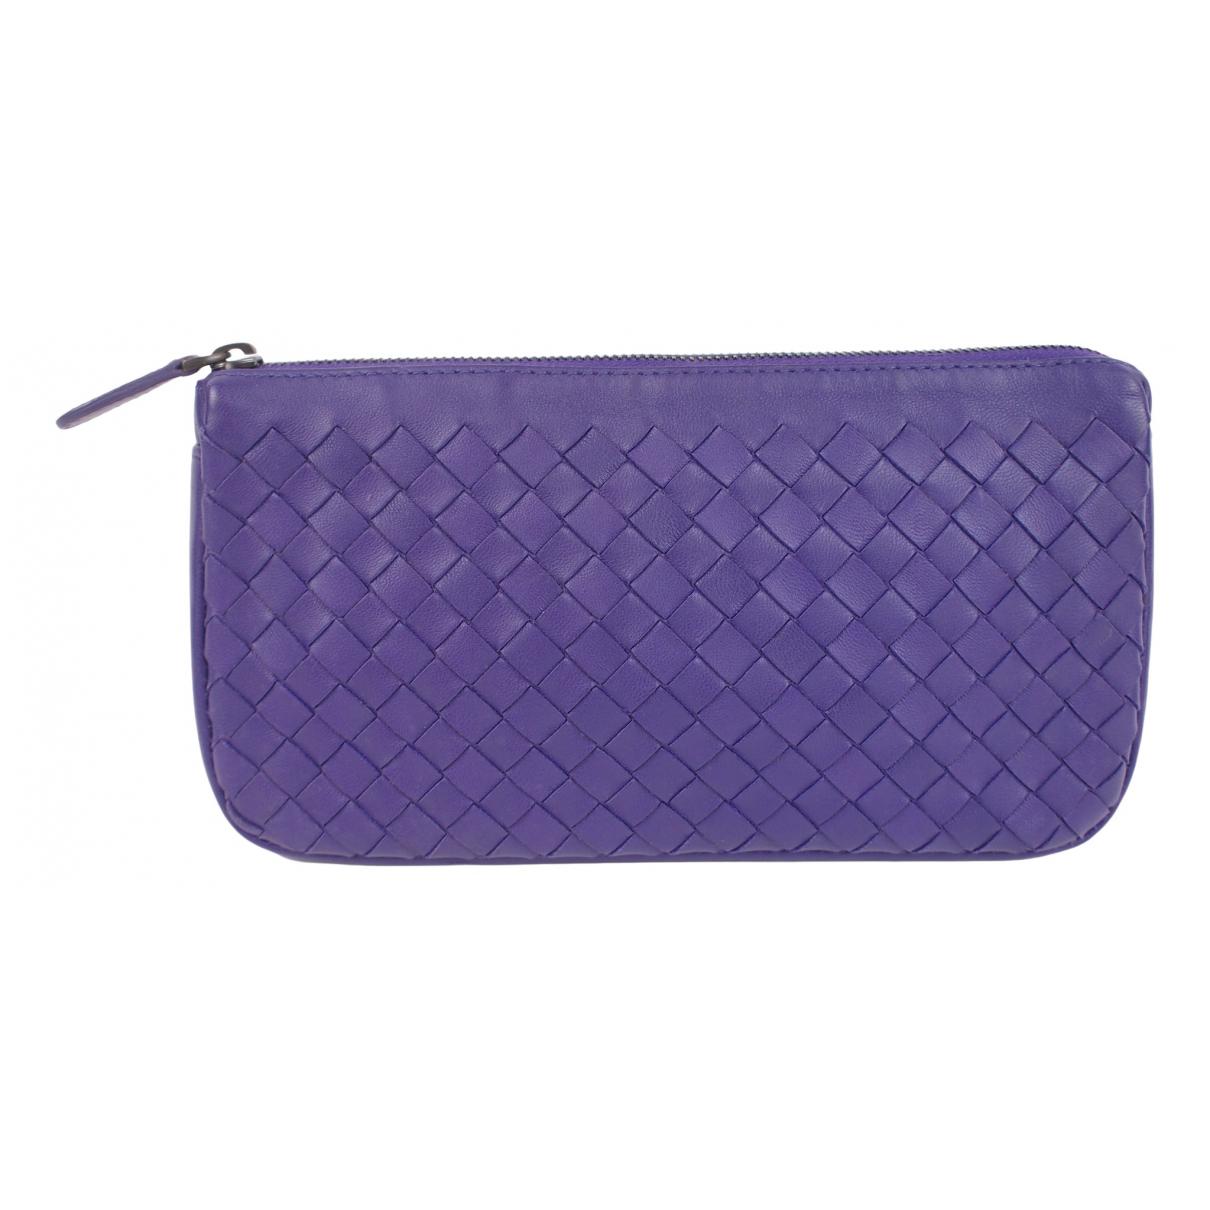 Bottega Veneta - Petite maroquinerie   pour femme en cuir - violet